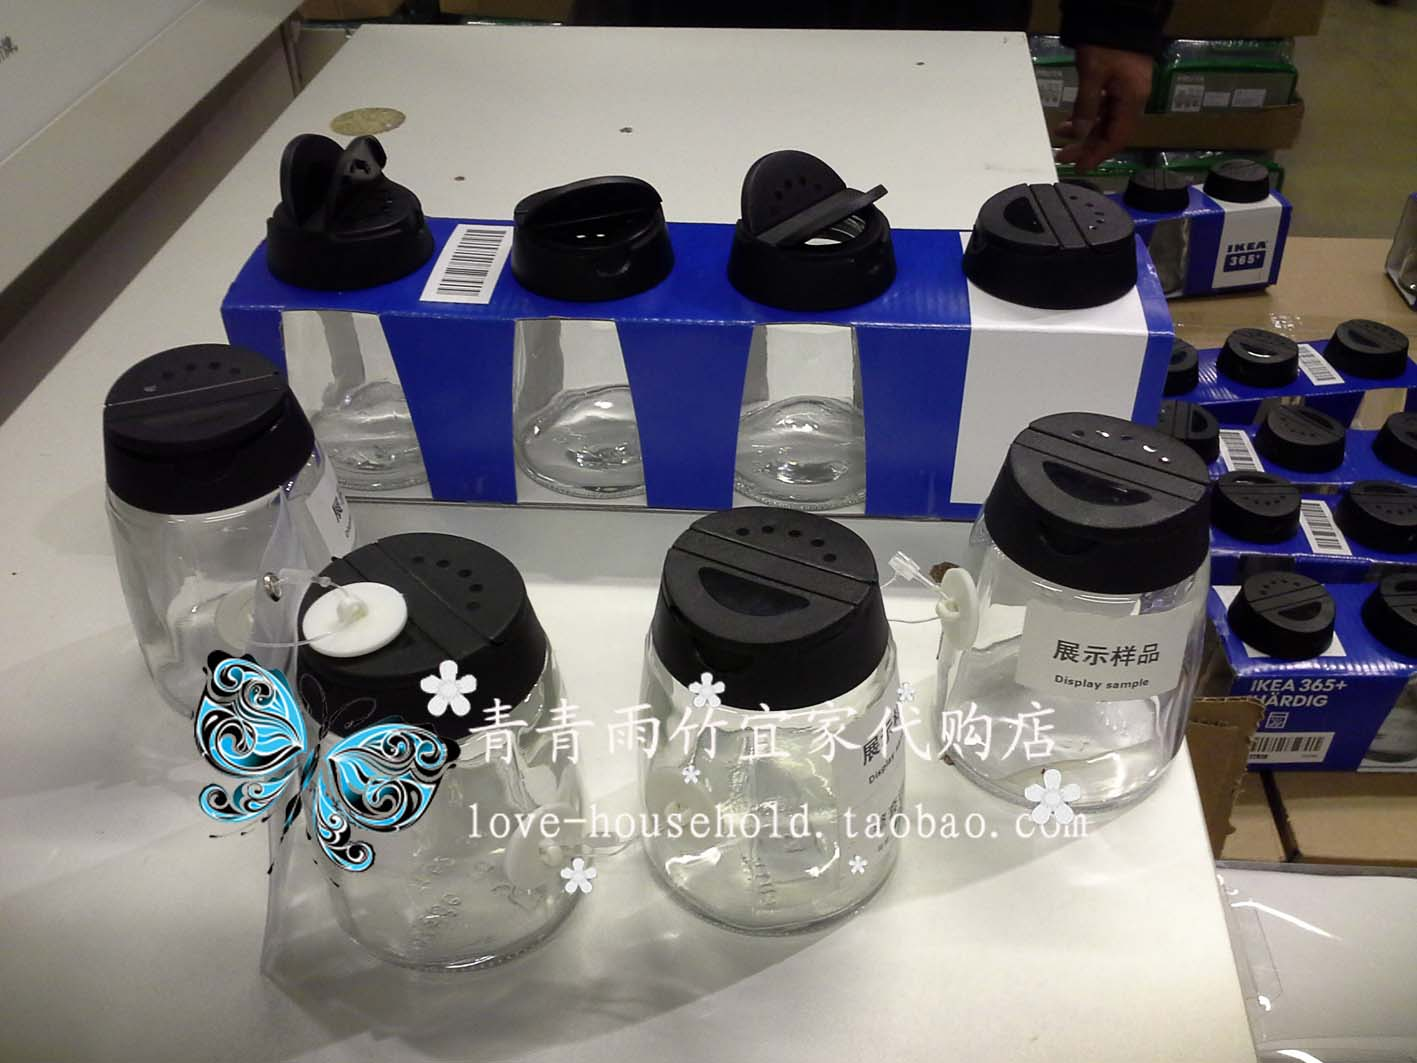 0.6 далянь ikea 365+ ирак хохотать следовать приправа приправа бутылка сделать материал бак кухня хранение бак 4 месяцы